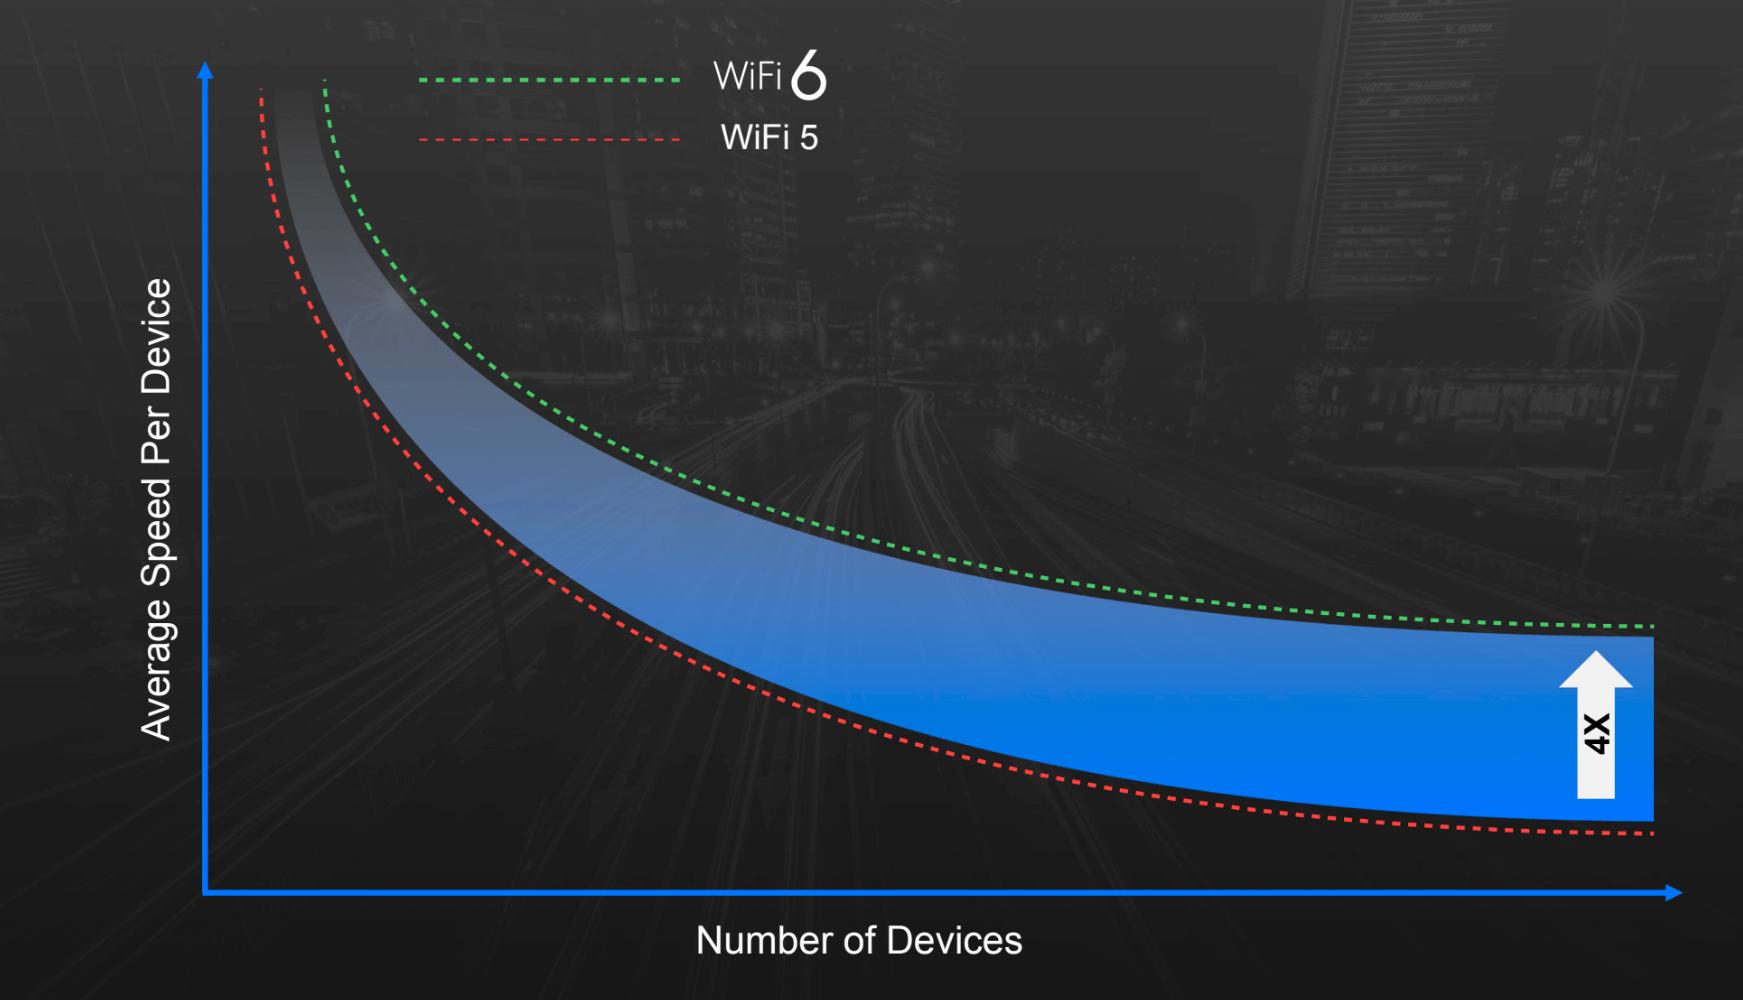 Selve maksfarten i det trådløse nettverket vil ikke øke voldsomt med Wi-Fi 6, men hver enhet vil få mer båndbredde å rutte med når det er mange enheter tilkoblet.